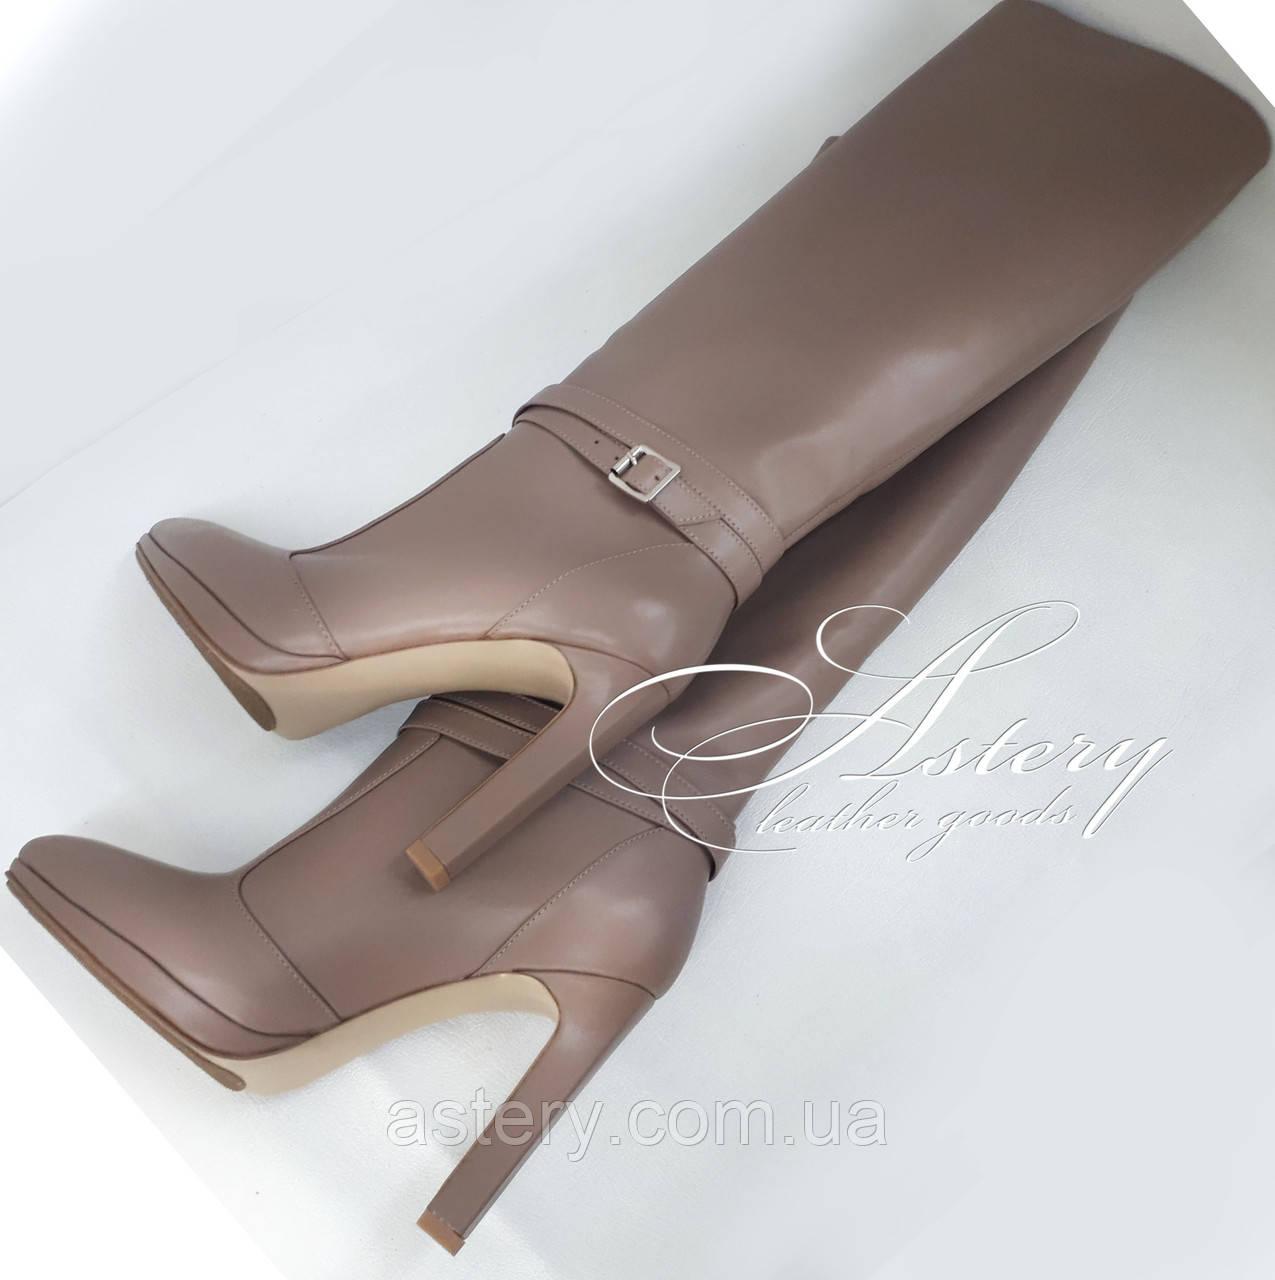 Жіночі бежеві шкіряні чоботи на підборах стовпчику